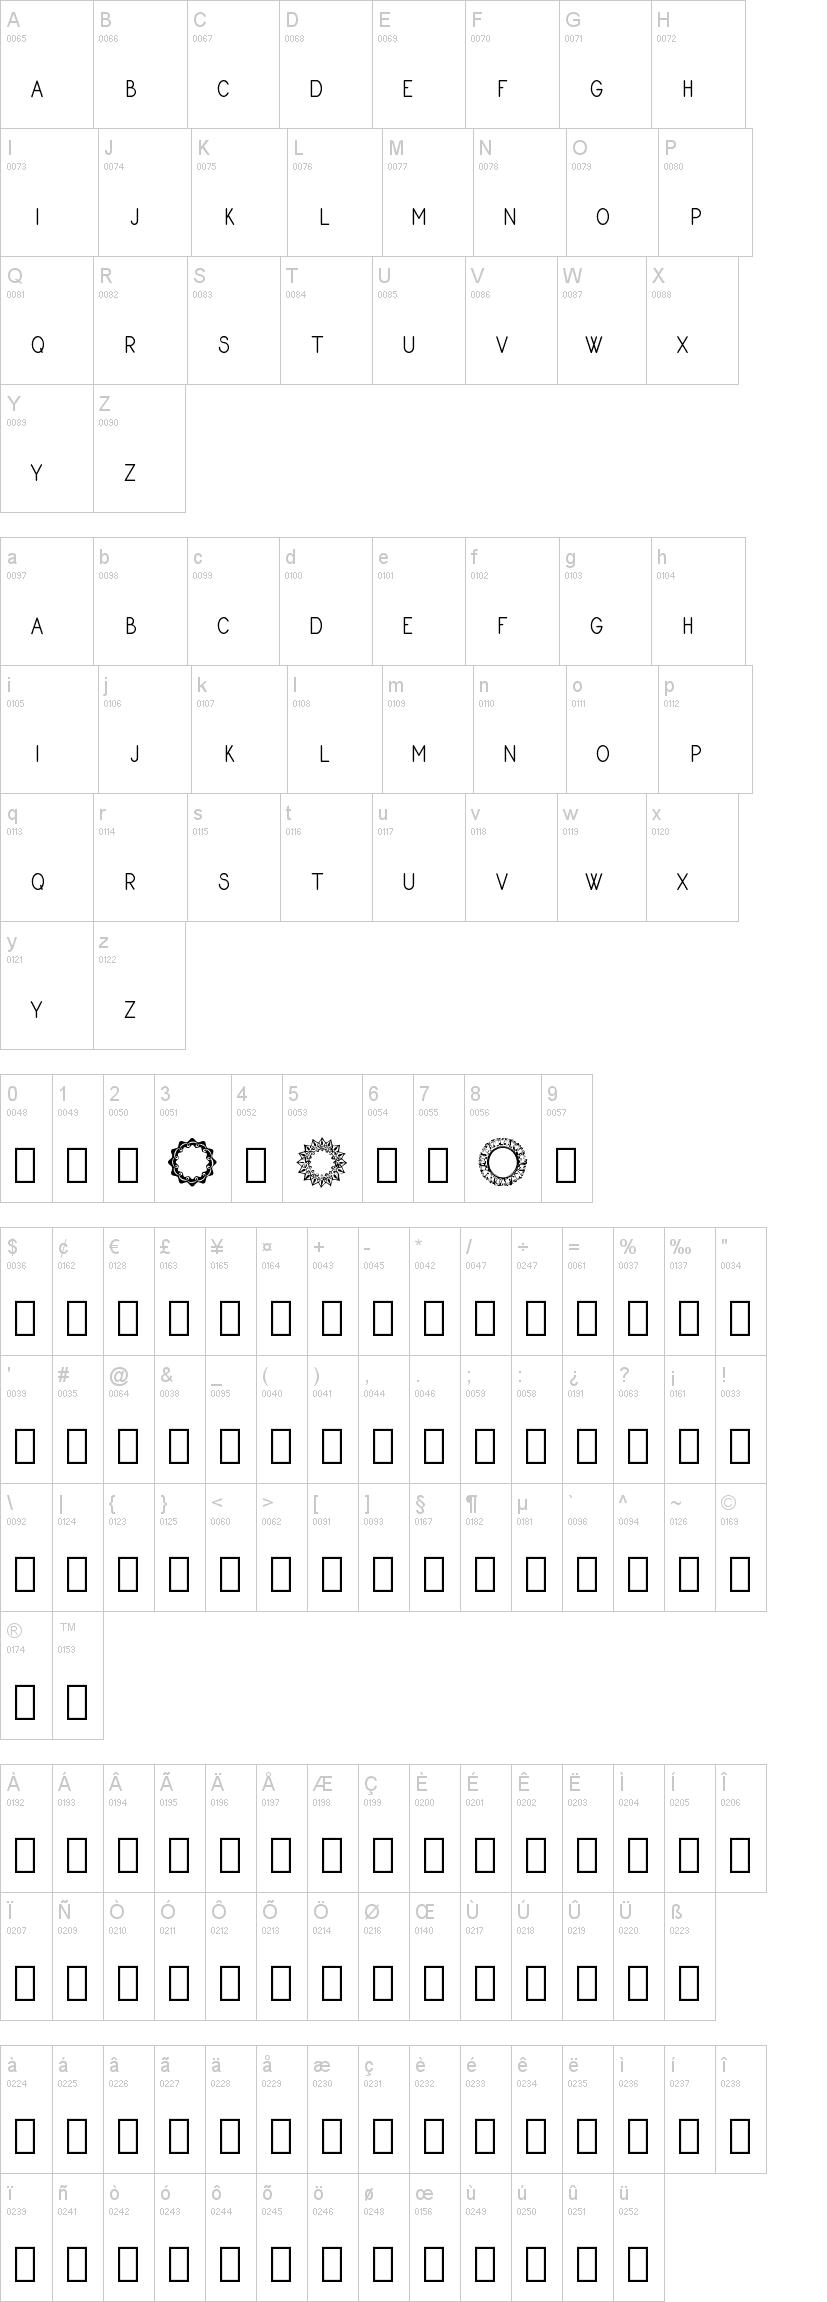 Monogram Framer Font-1